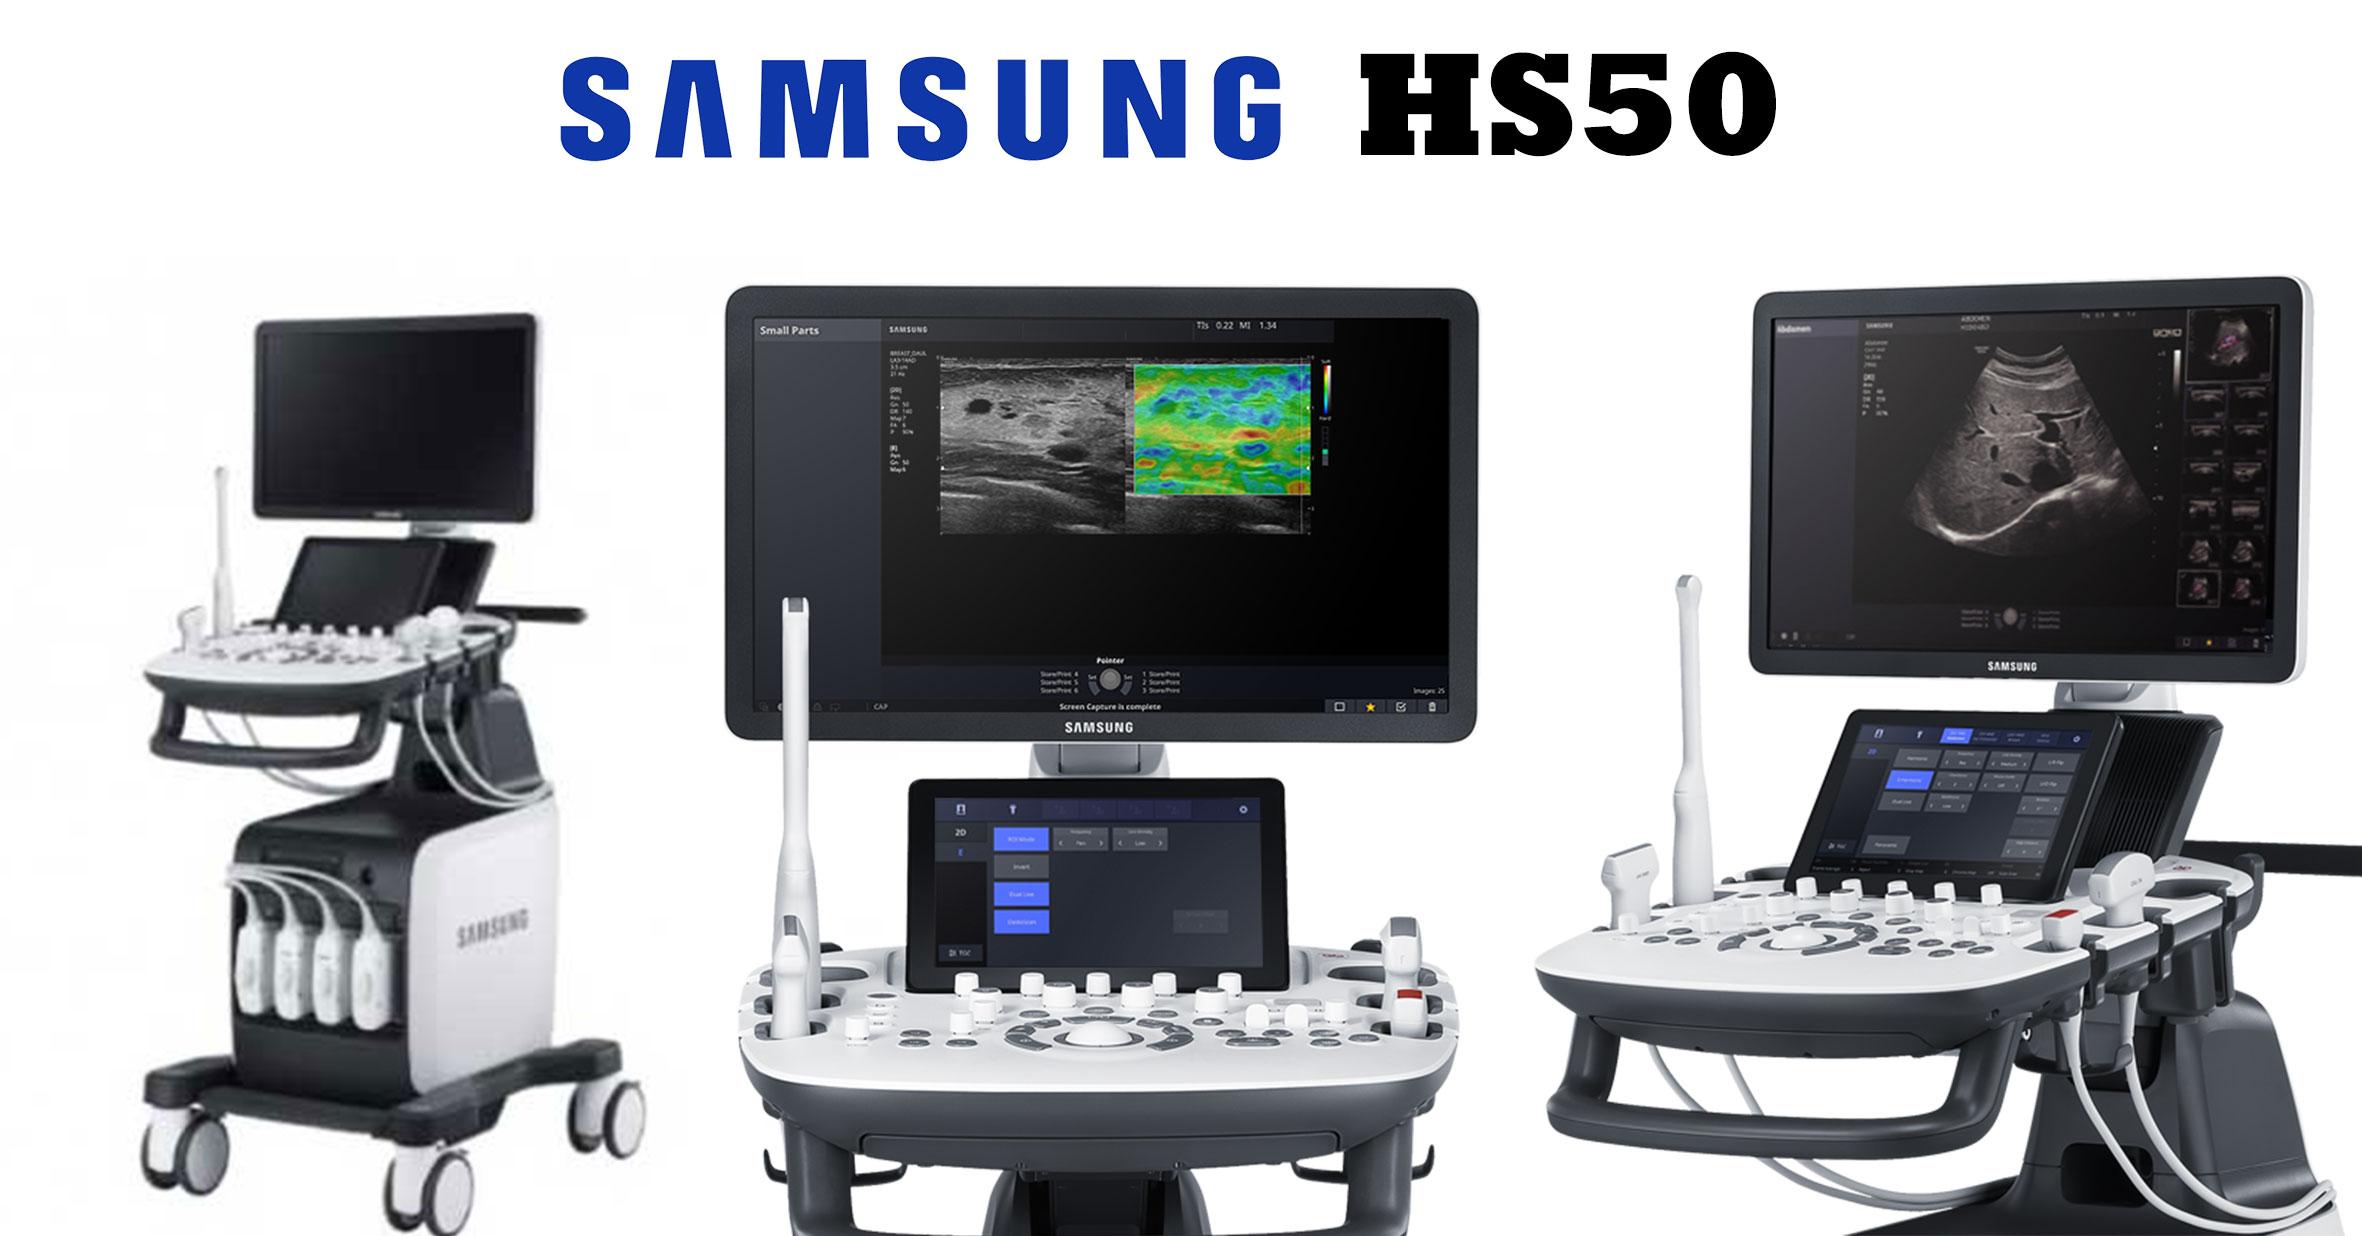 Samsung HS50 Ultrasound